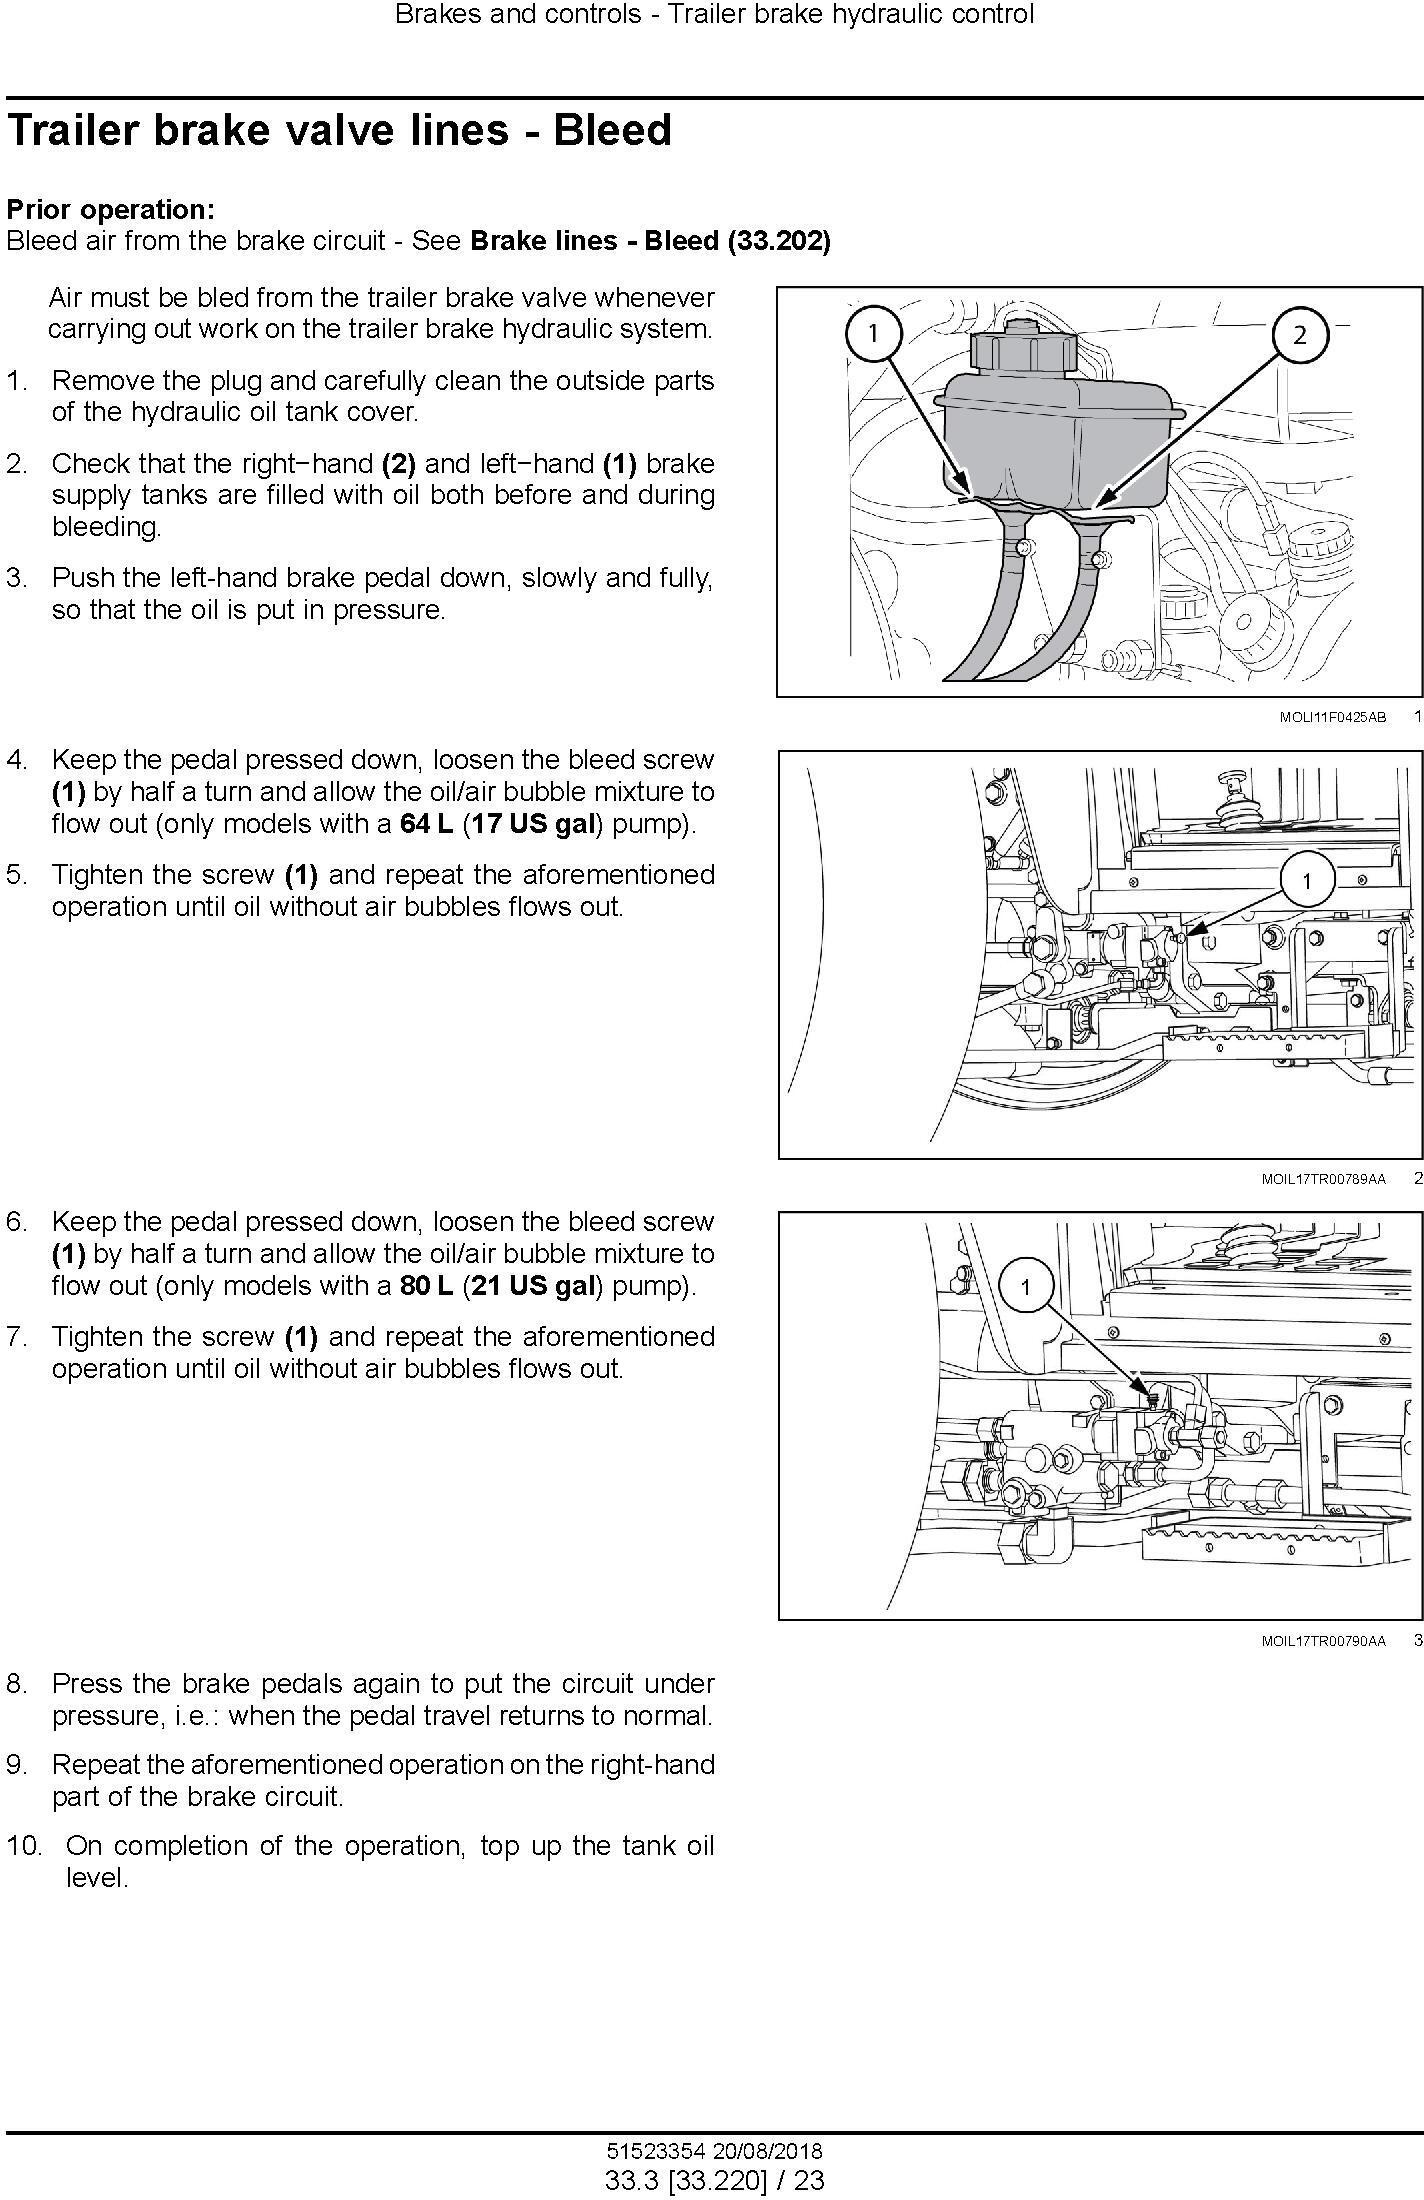 New Holland T4.80F, T4.90F, T4.100F, T4.110F Tractor Service Manual (Australia, NZ, Latin Amereca) - 2